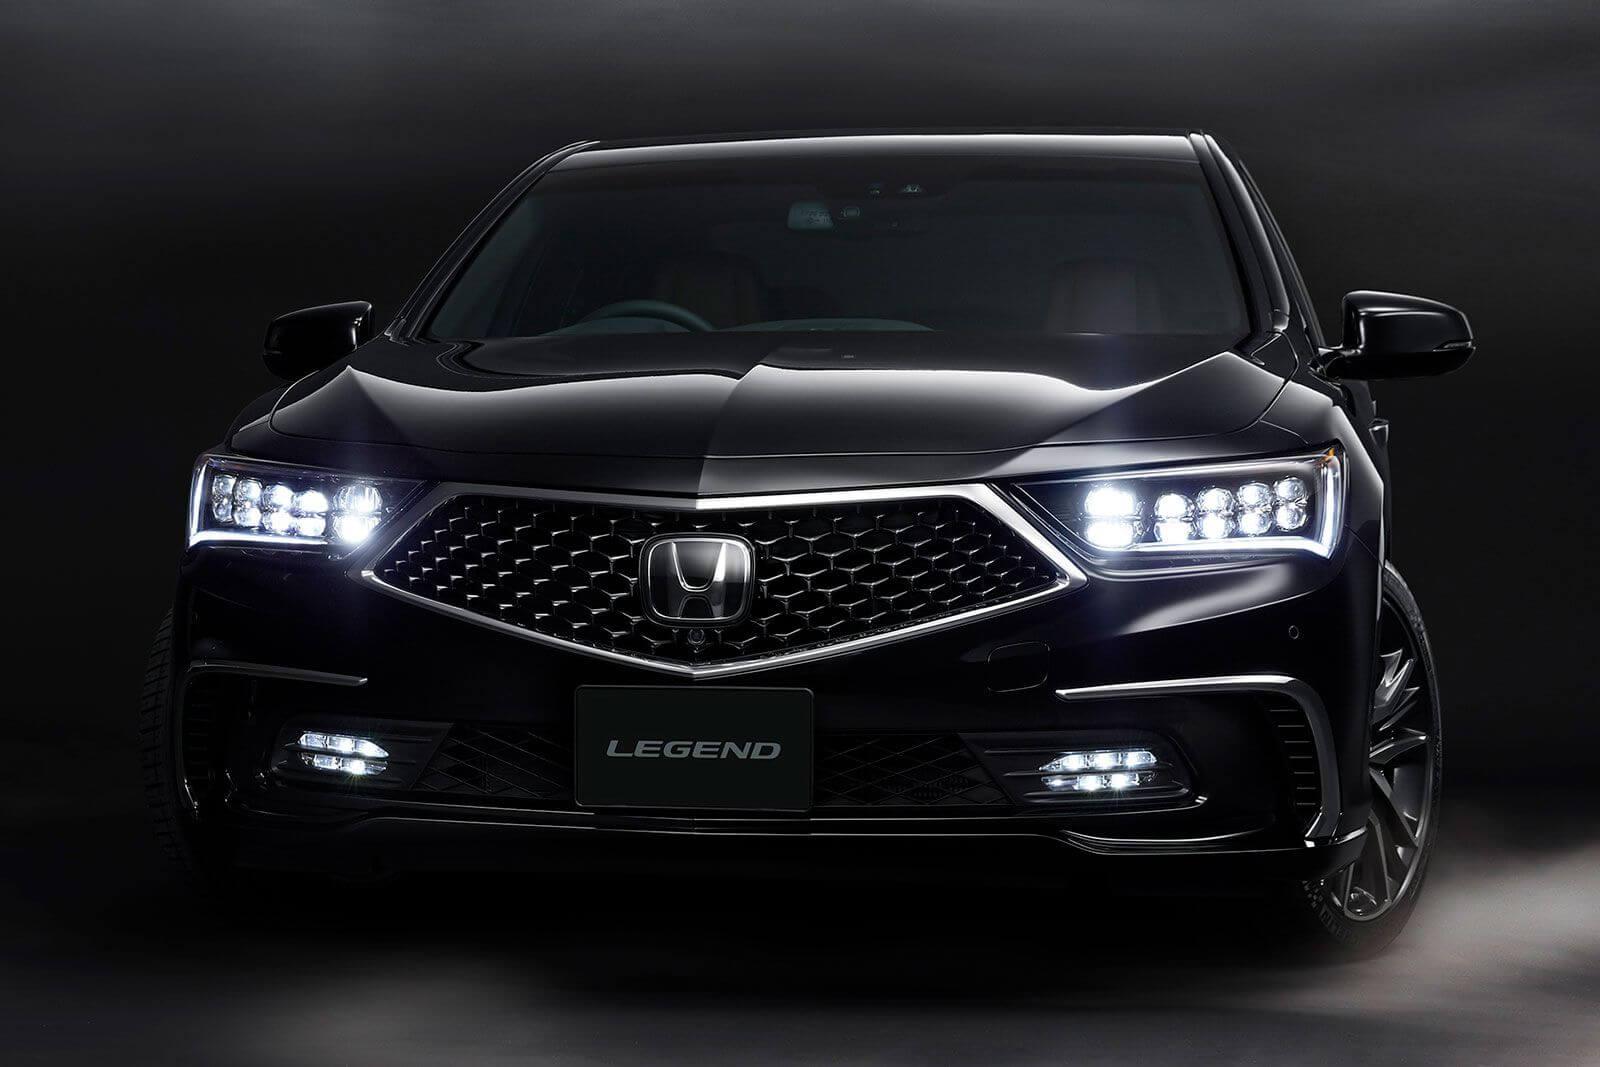 Honda запускает автономный седан Legend 3-го уровня за 102 тысячи долларов после 807 тысяч миль испытаний на шоссе